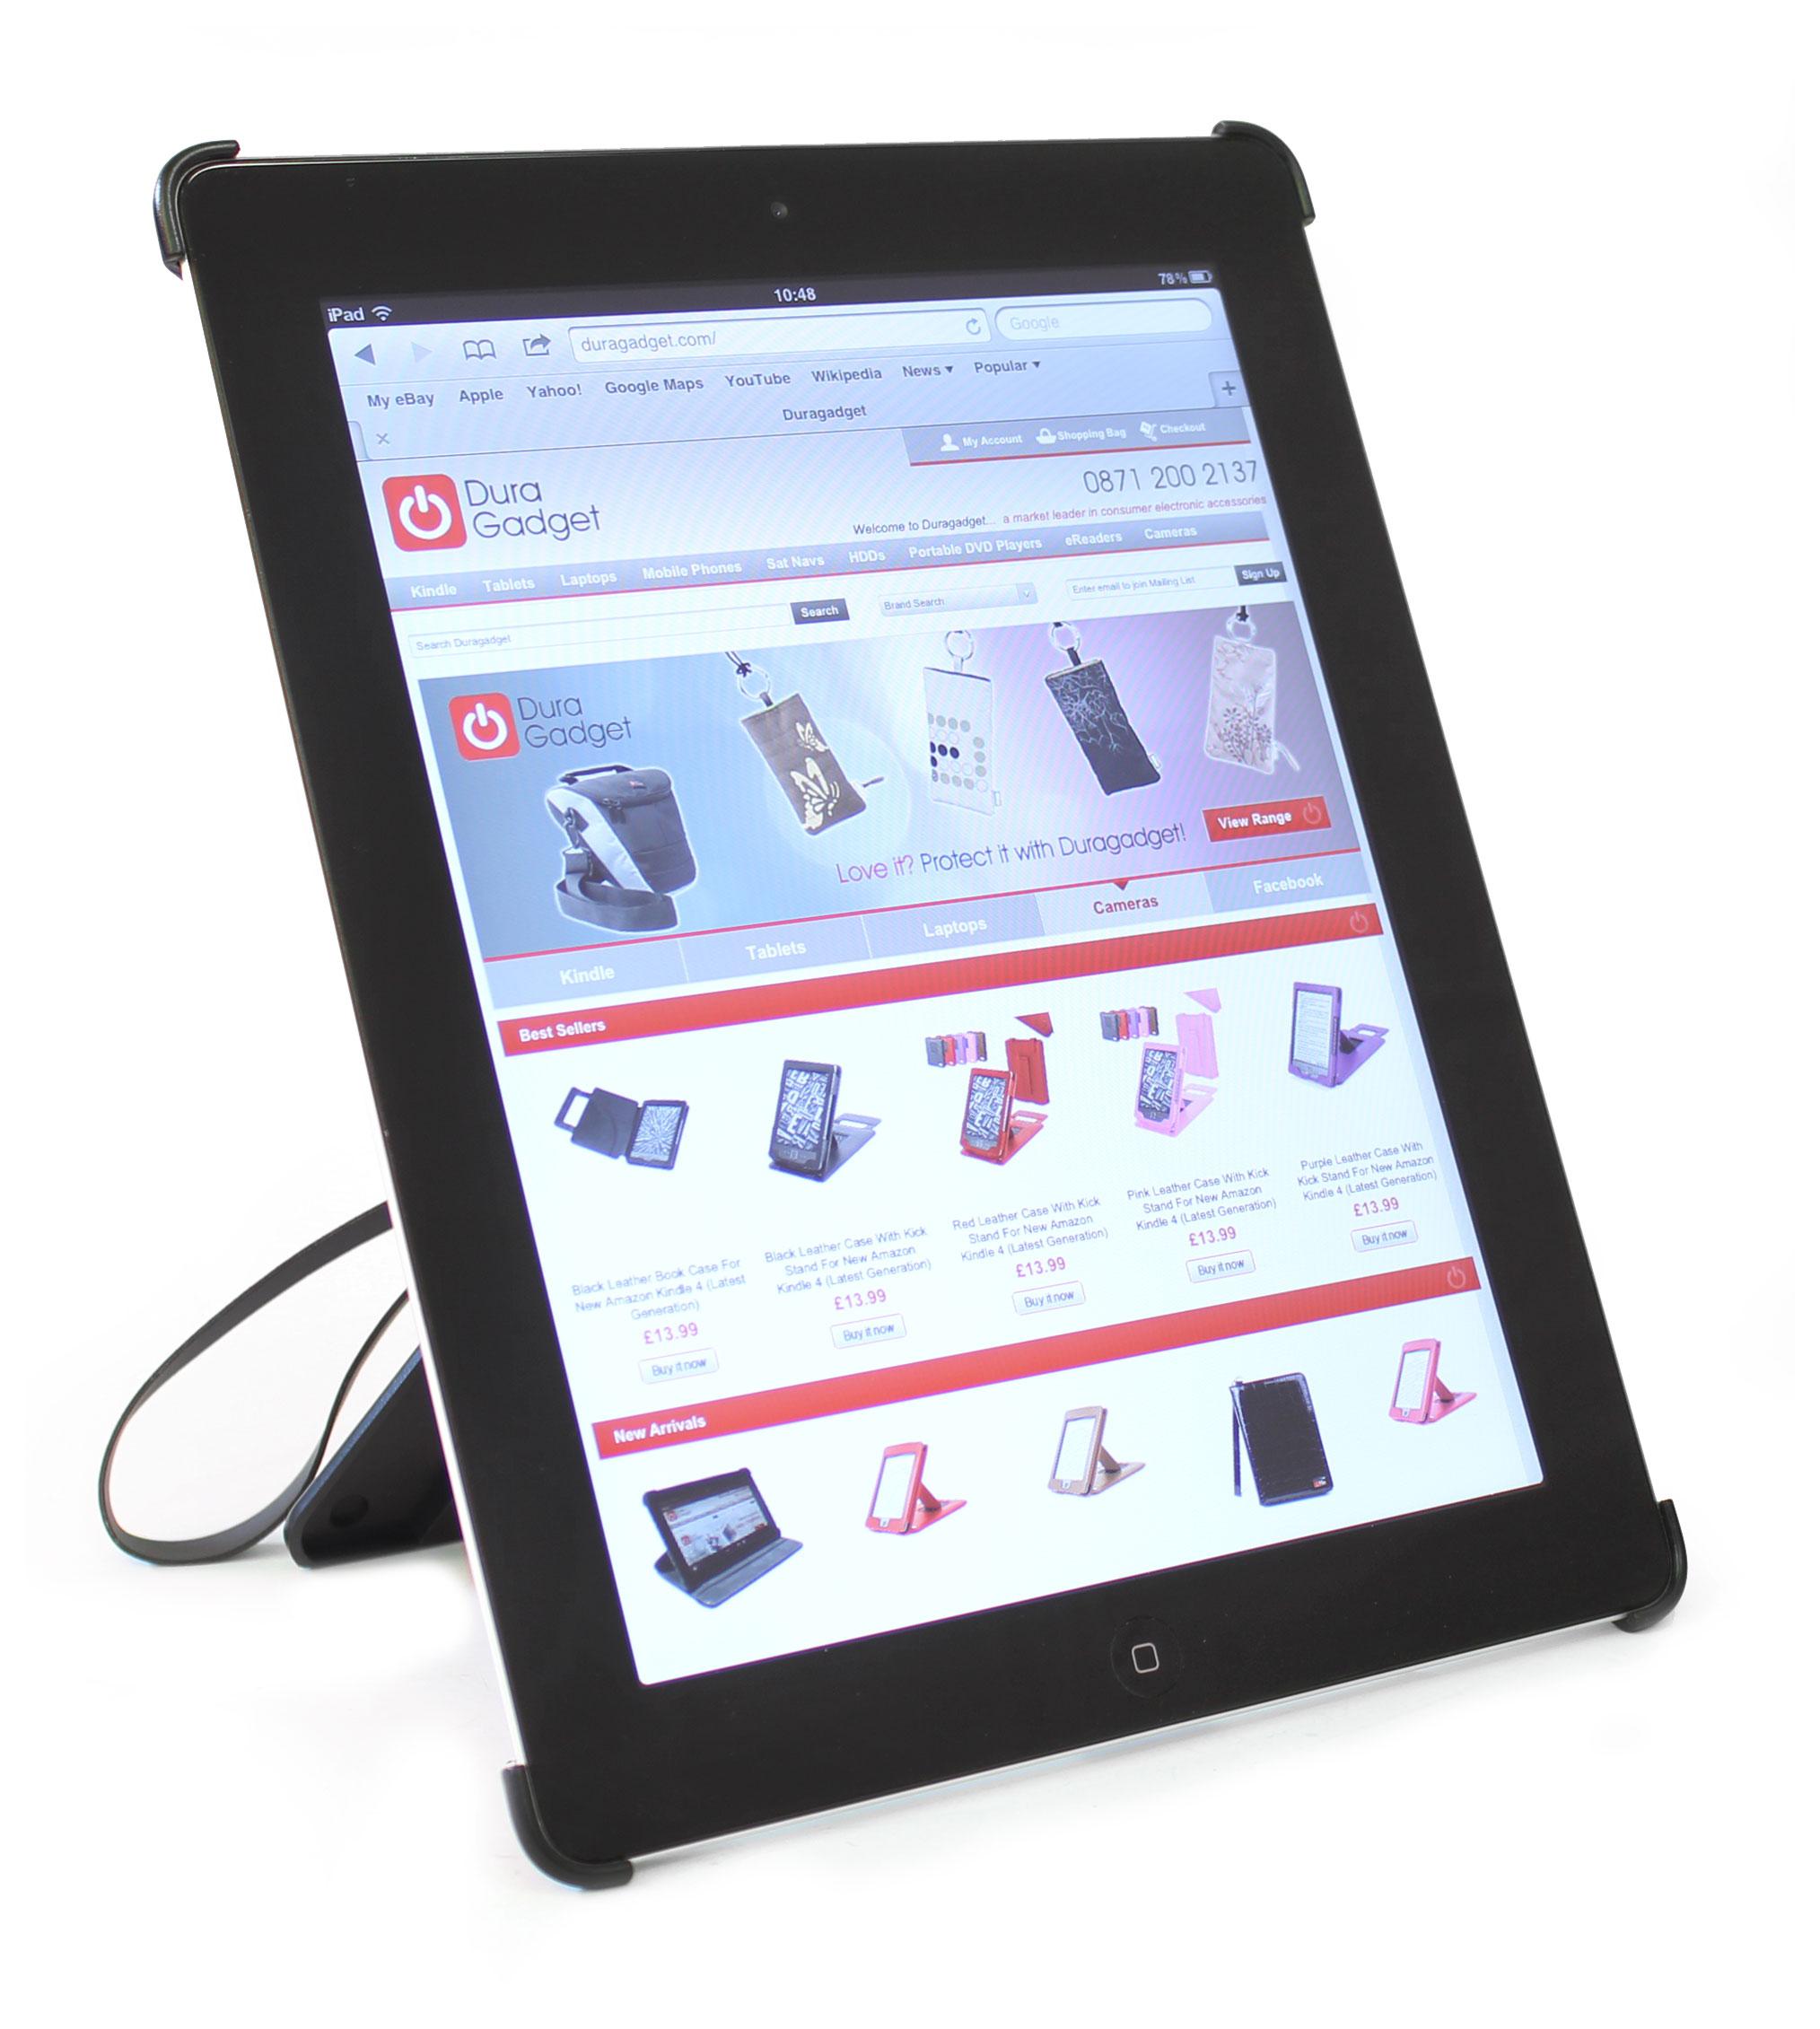 Coque multifonction pour tablette apple ipad avec cran - Coque pour tablette ...